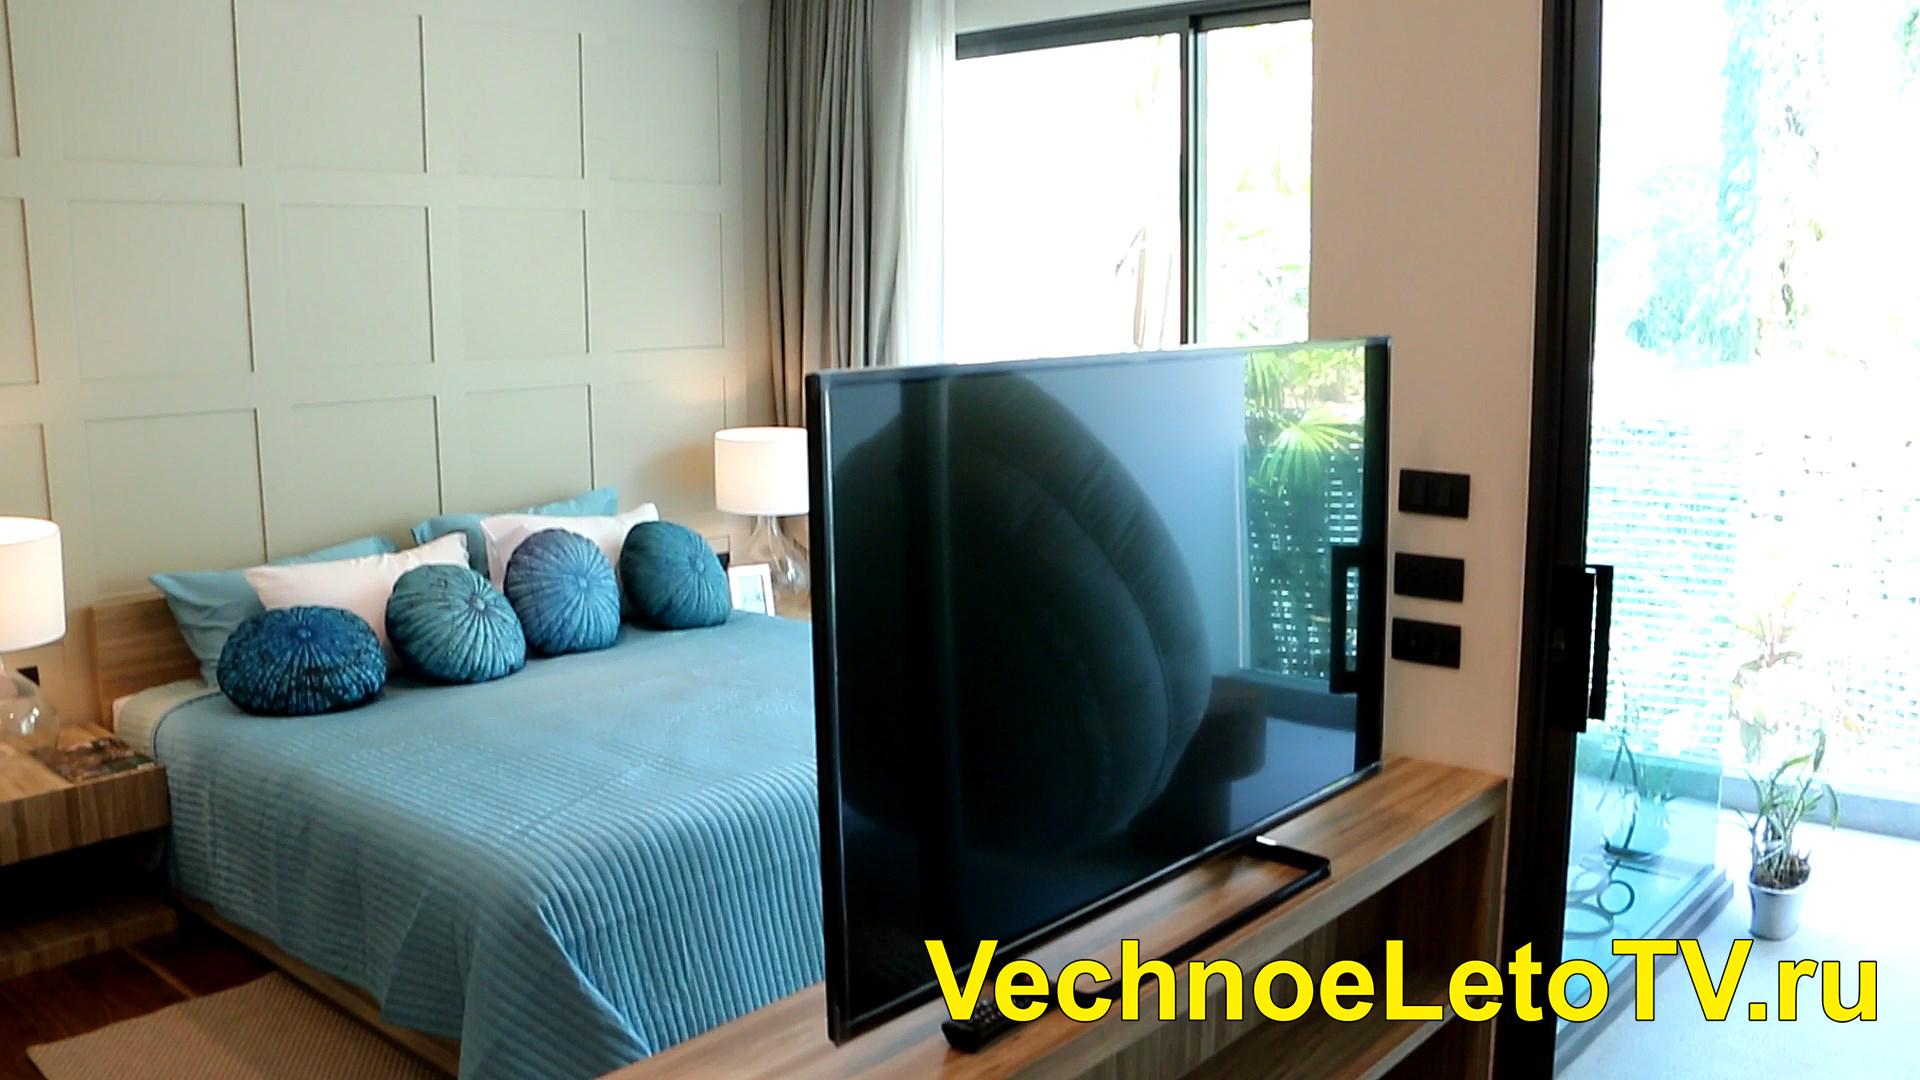 Как купить квартиру на Пхукете недорого